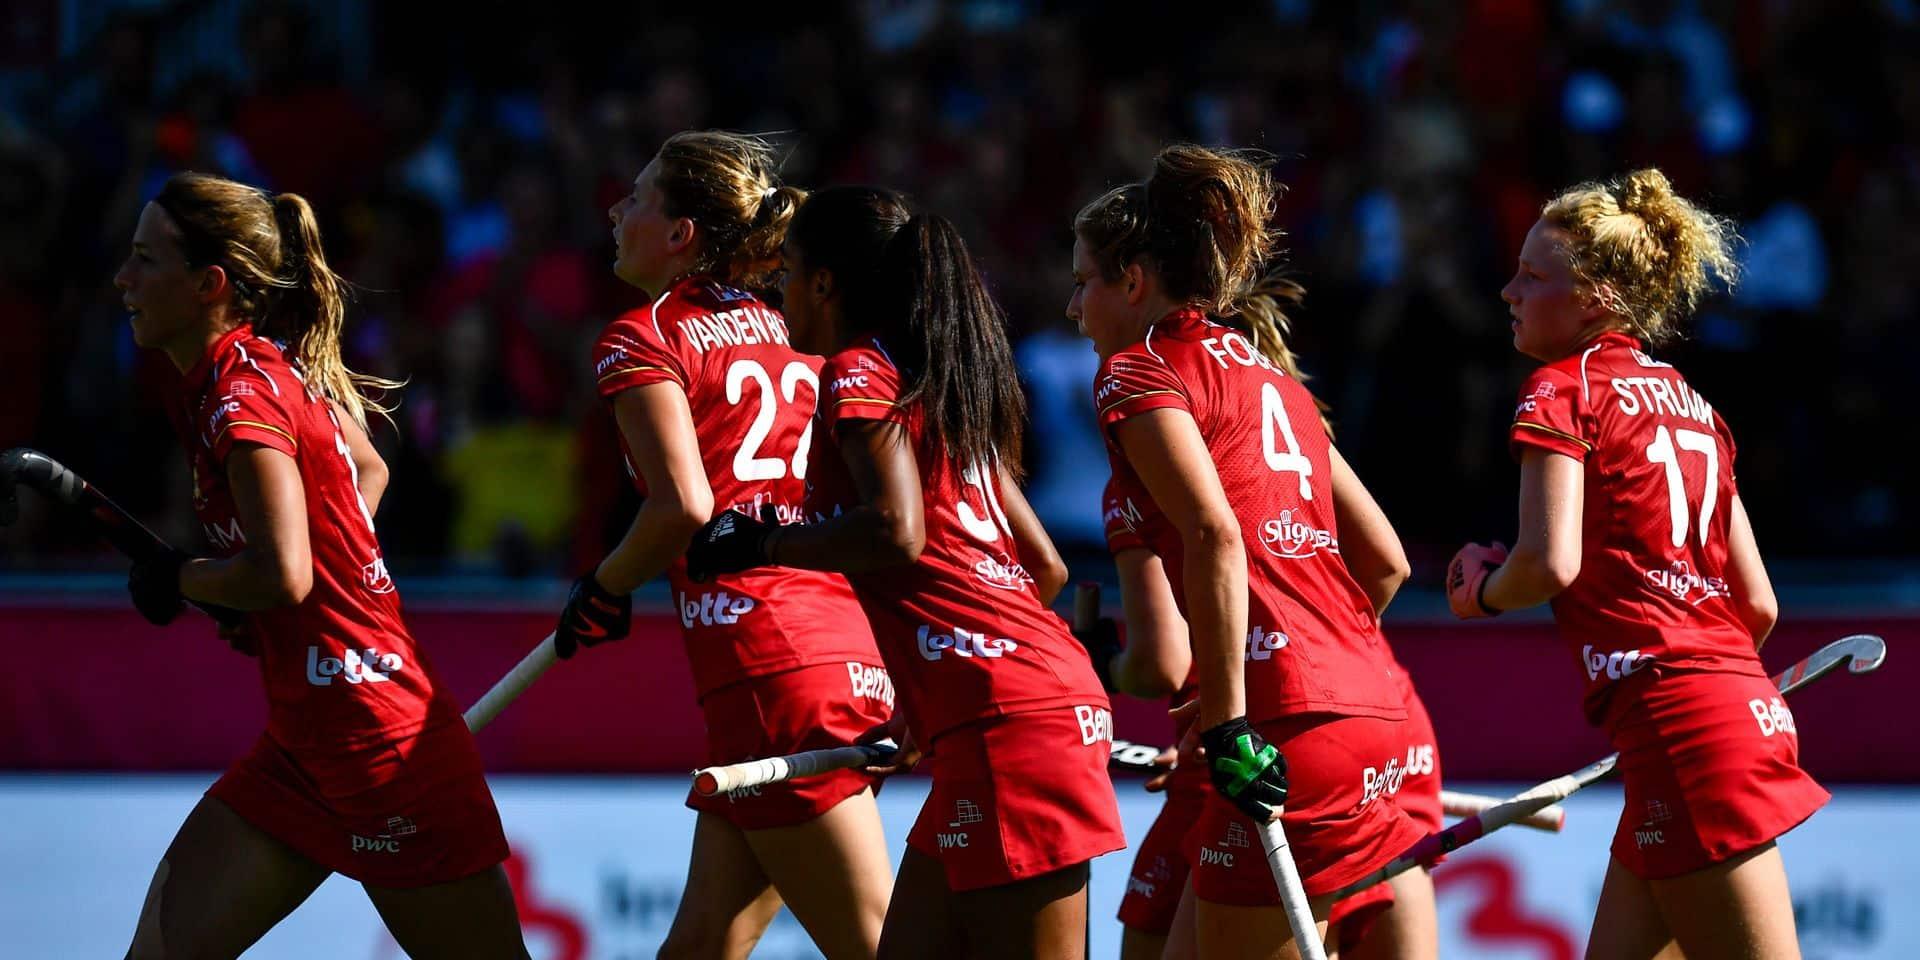 JO2020: les Red Panthers joueront leur barrage en vue des Jeux les 25 et 26 octobre en Chine